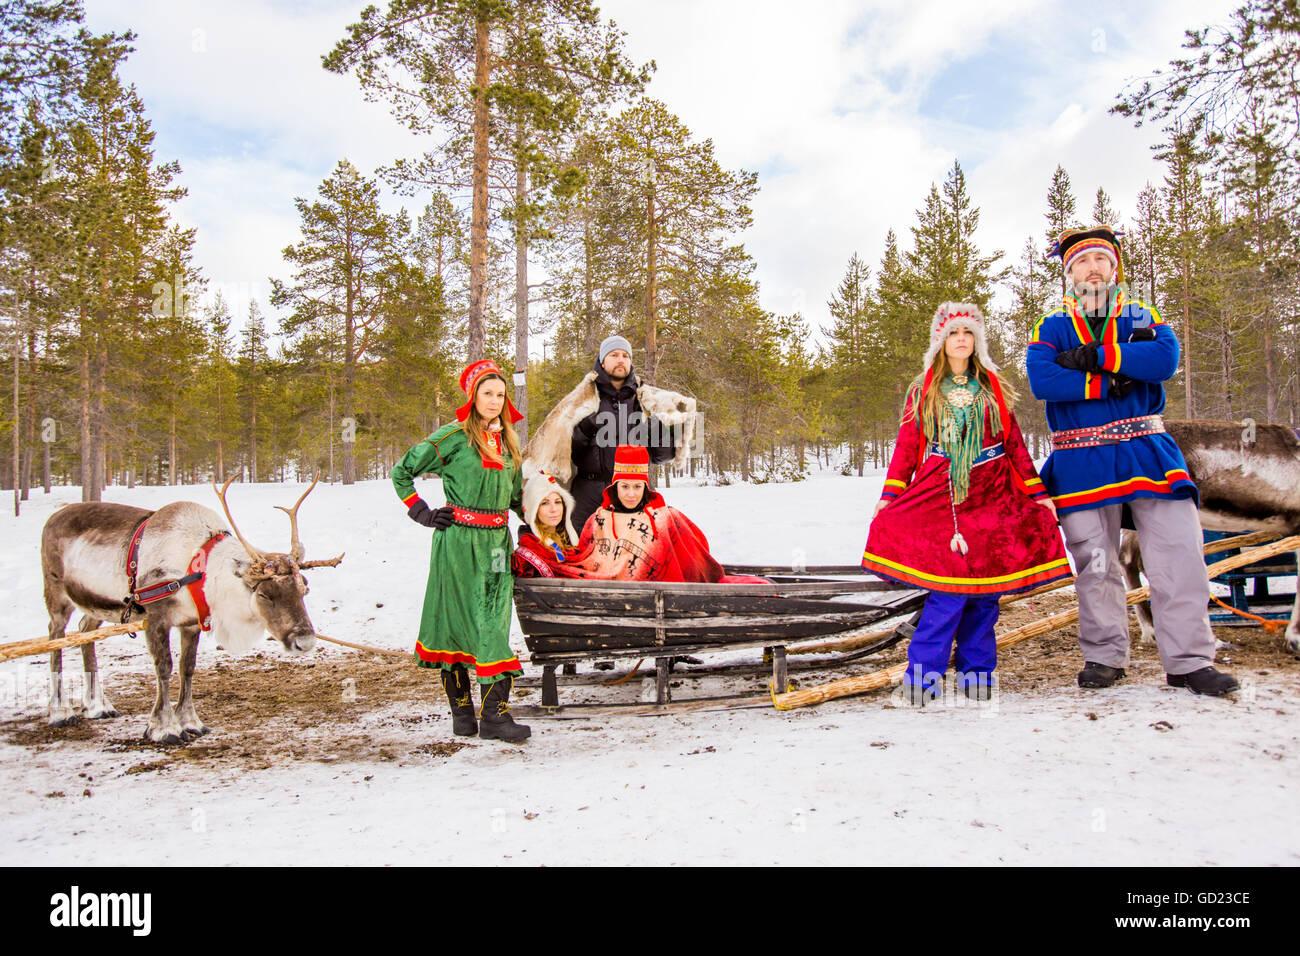 Foto di gruppo indossando il tradizionale costume Sami, renne Safari, Kakslauttanen Igloo Village, Saariselka, Finlandia Immagini Stock